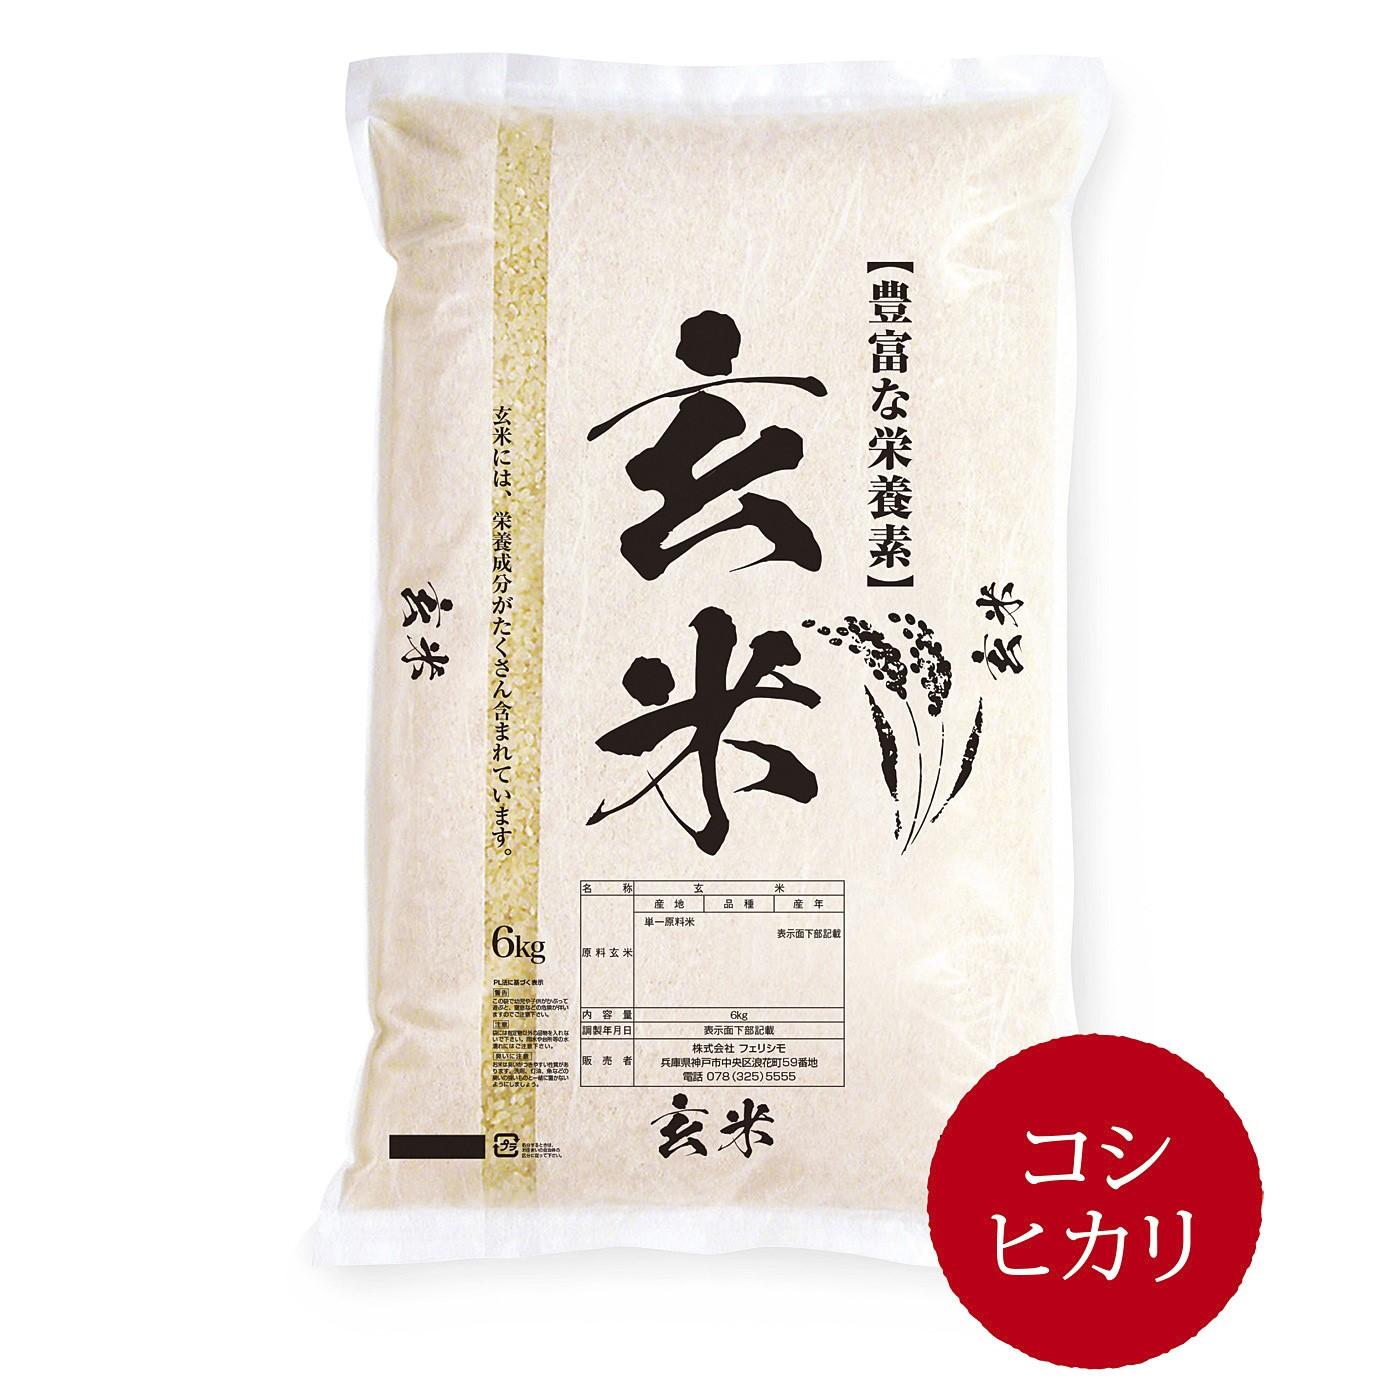 兵庫県「コシヒカリ」 「東の魚沼、西の丹波篠山」といわれるコシヒカリ。「コウノトリ育む農法」で整備された環境で栽培。もちもちと粘り気のある日本のお米の代表格。